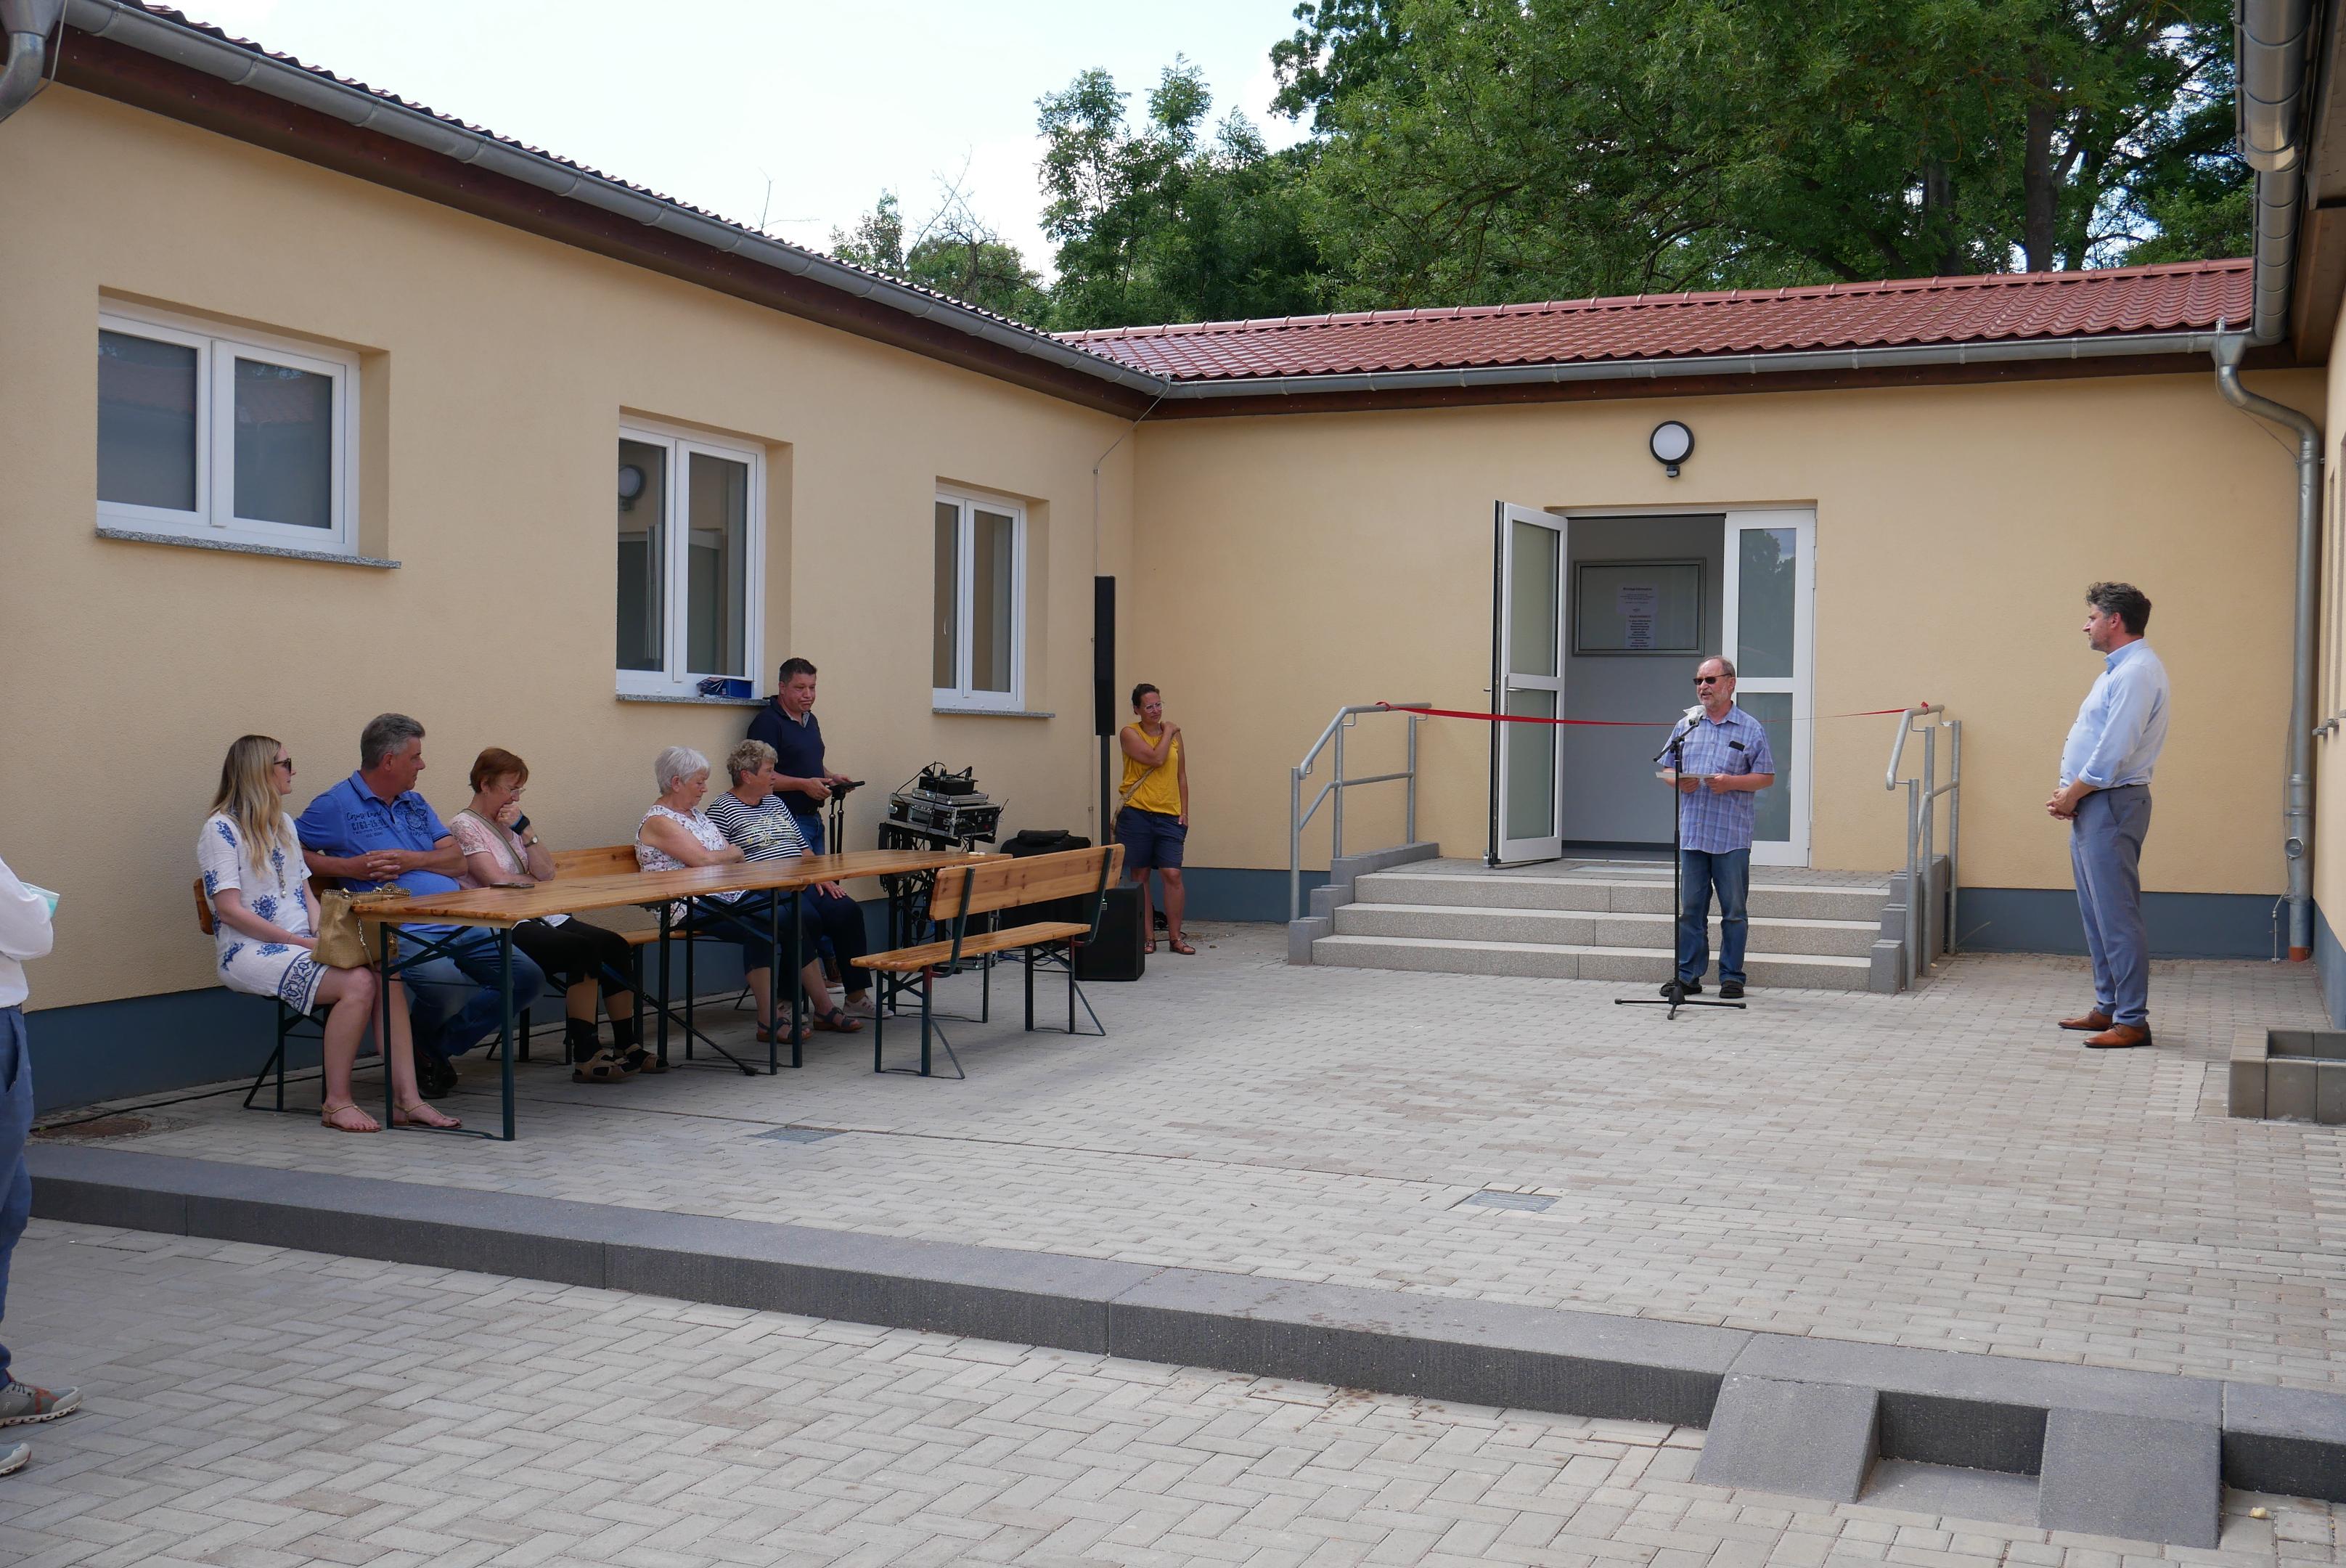 Eröffnung des Sportlerheims in Marlishausen, Quelle: Thüringer Landgesellschaft mbH